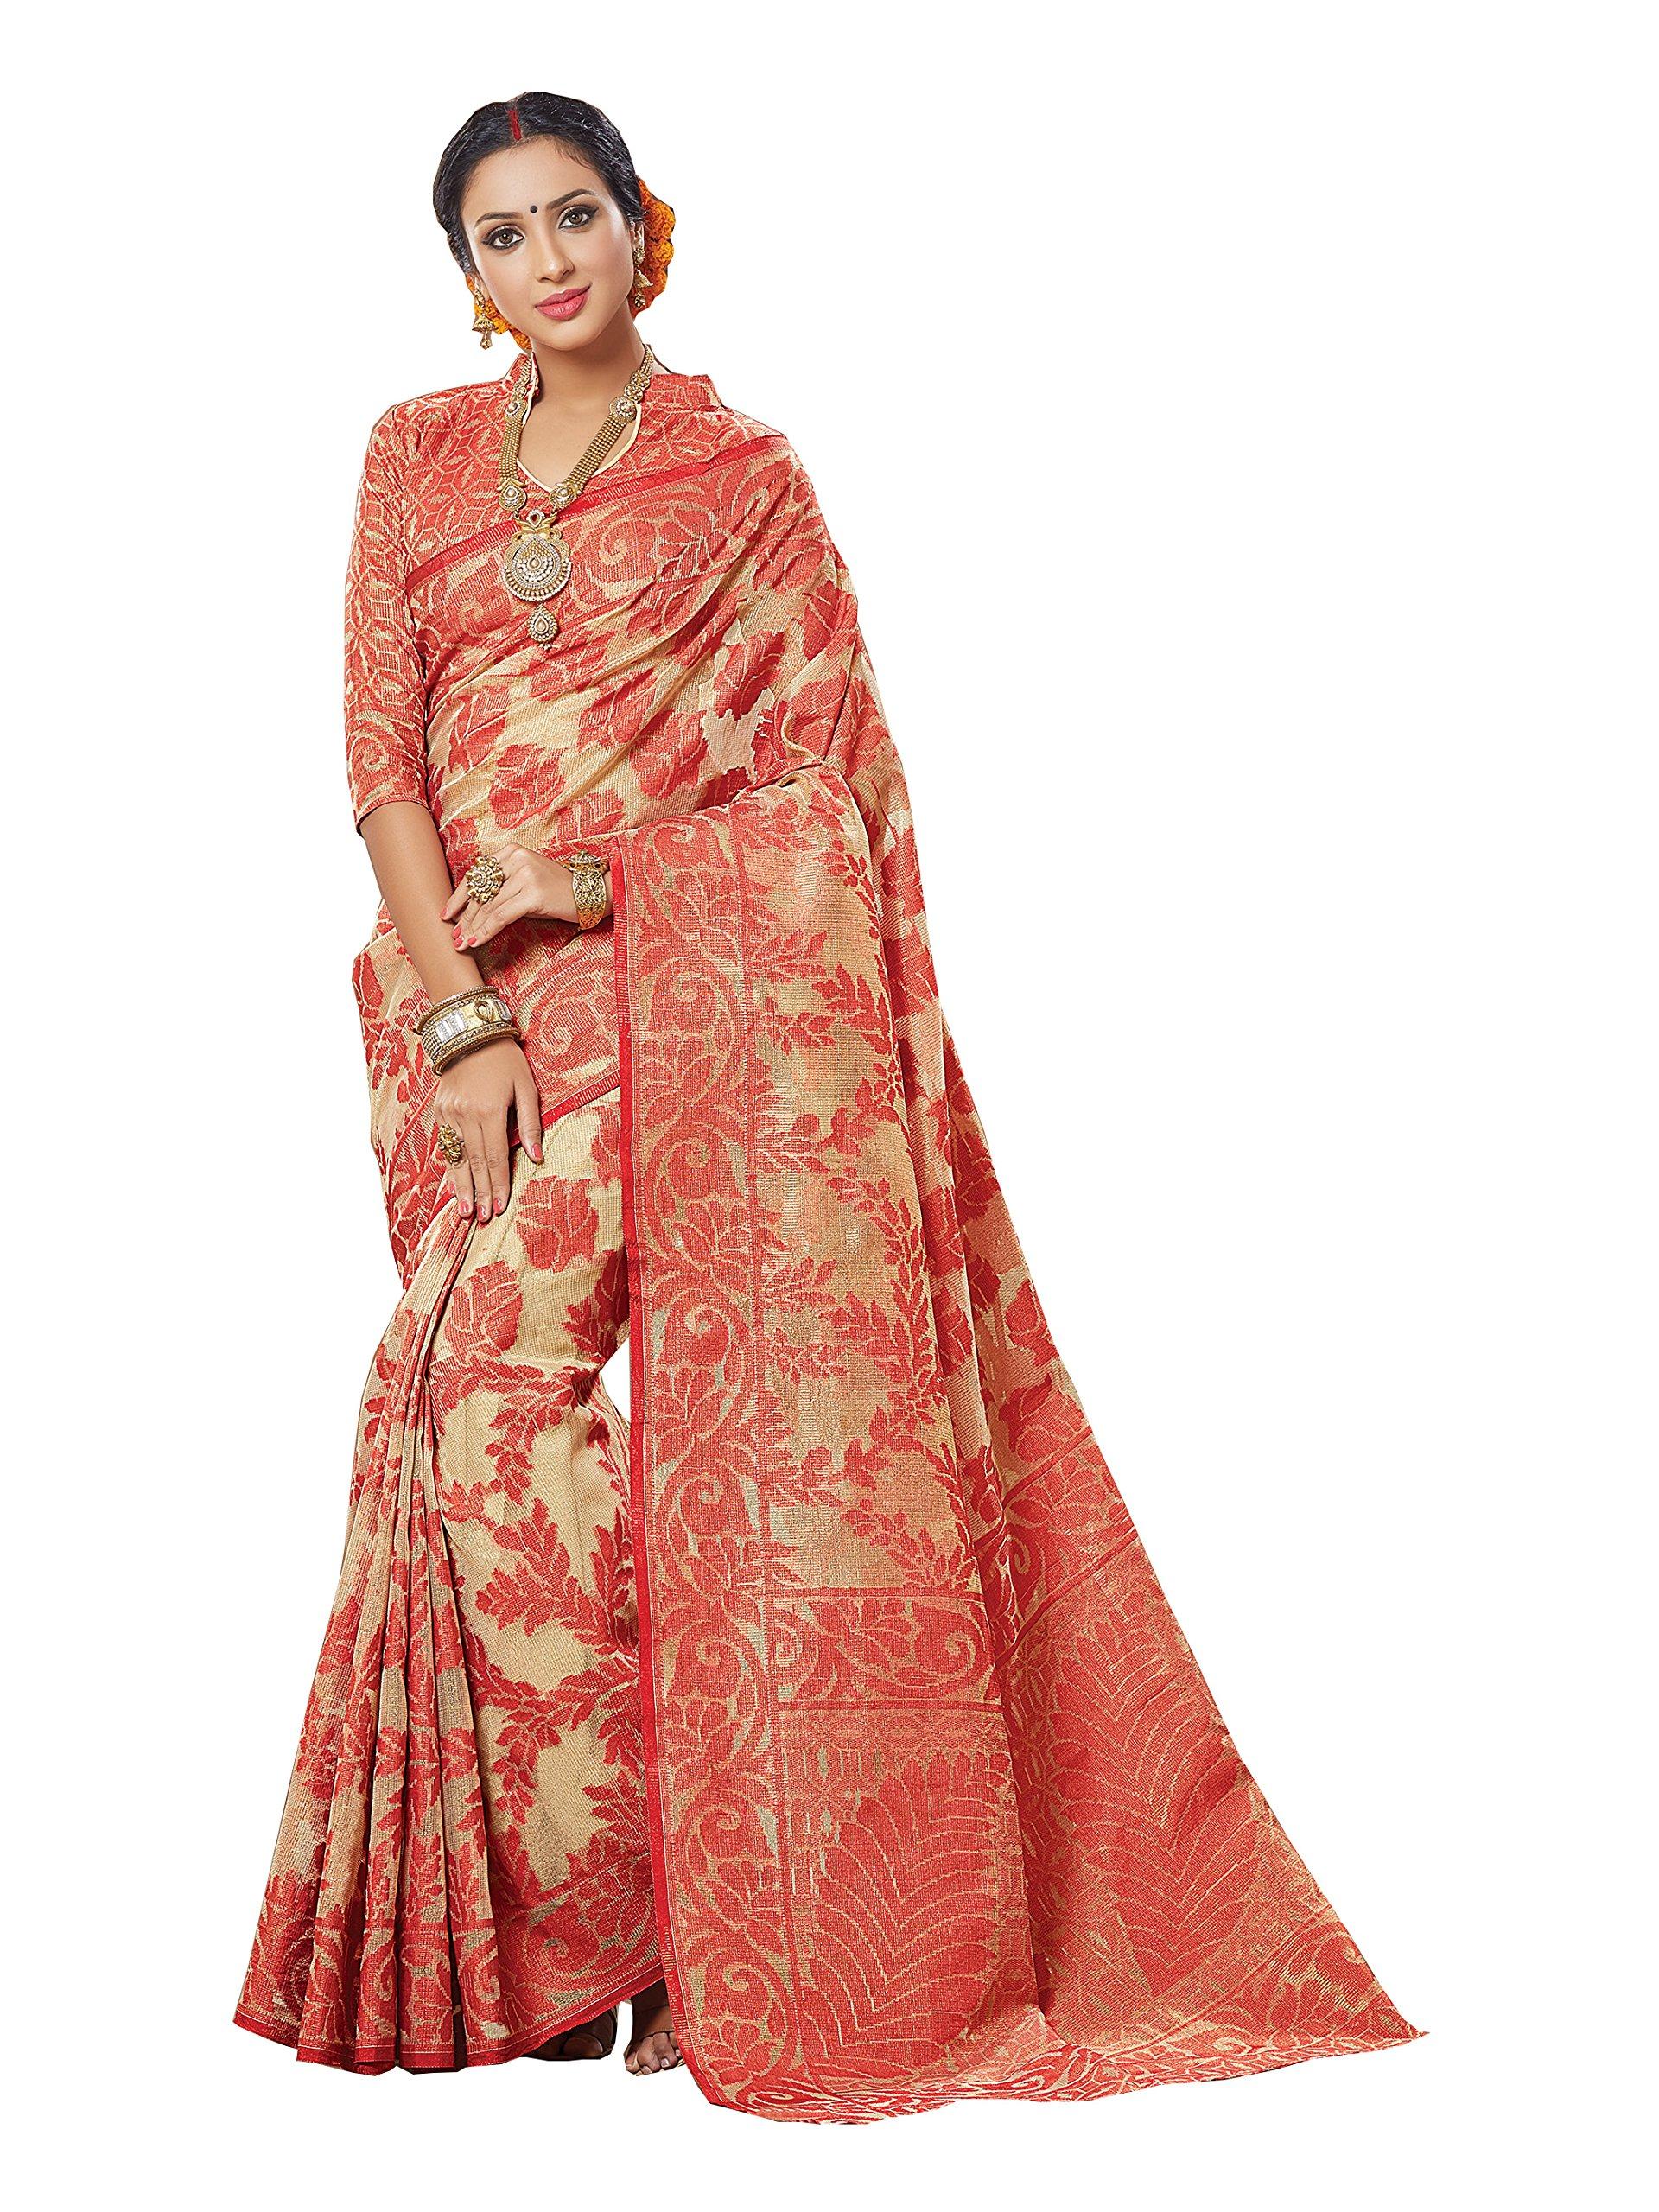 Shonaya Women's Designer Party Wear Woven Work Banarasi Silk Saree With Unstitched Blouse Piece (Orange)